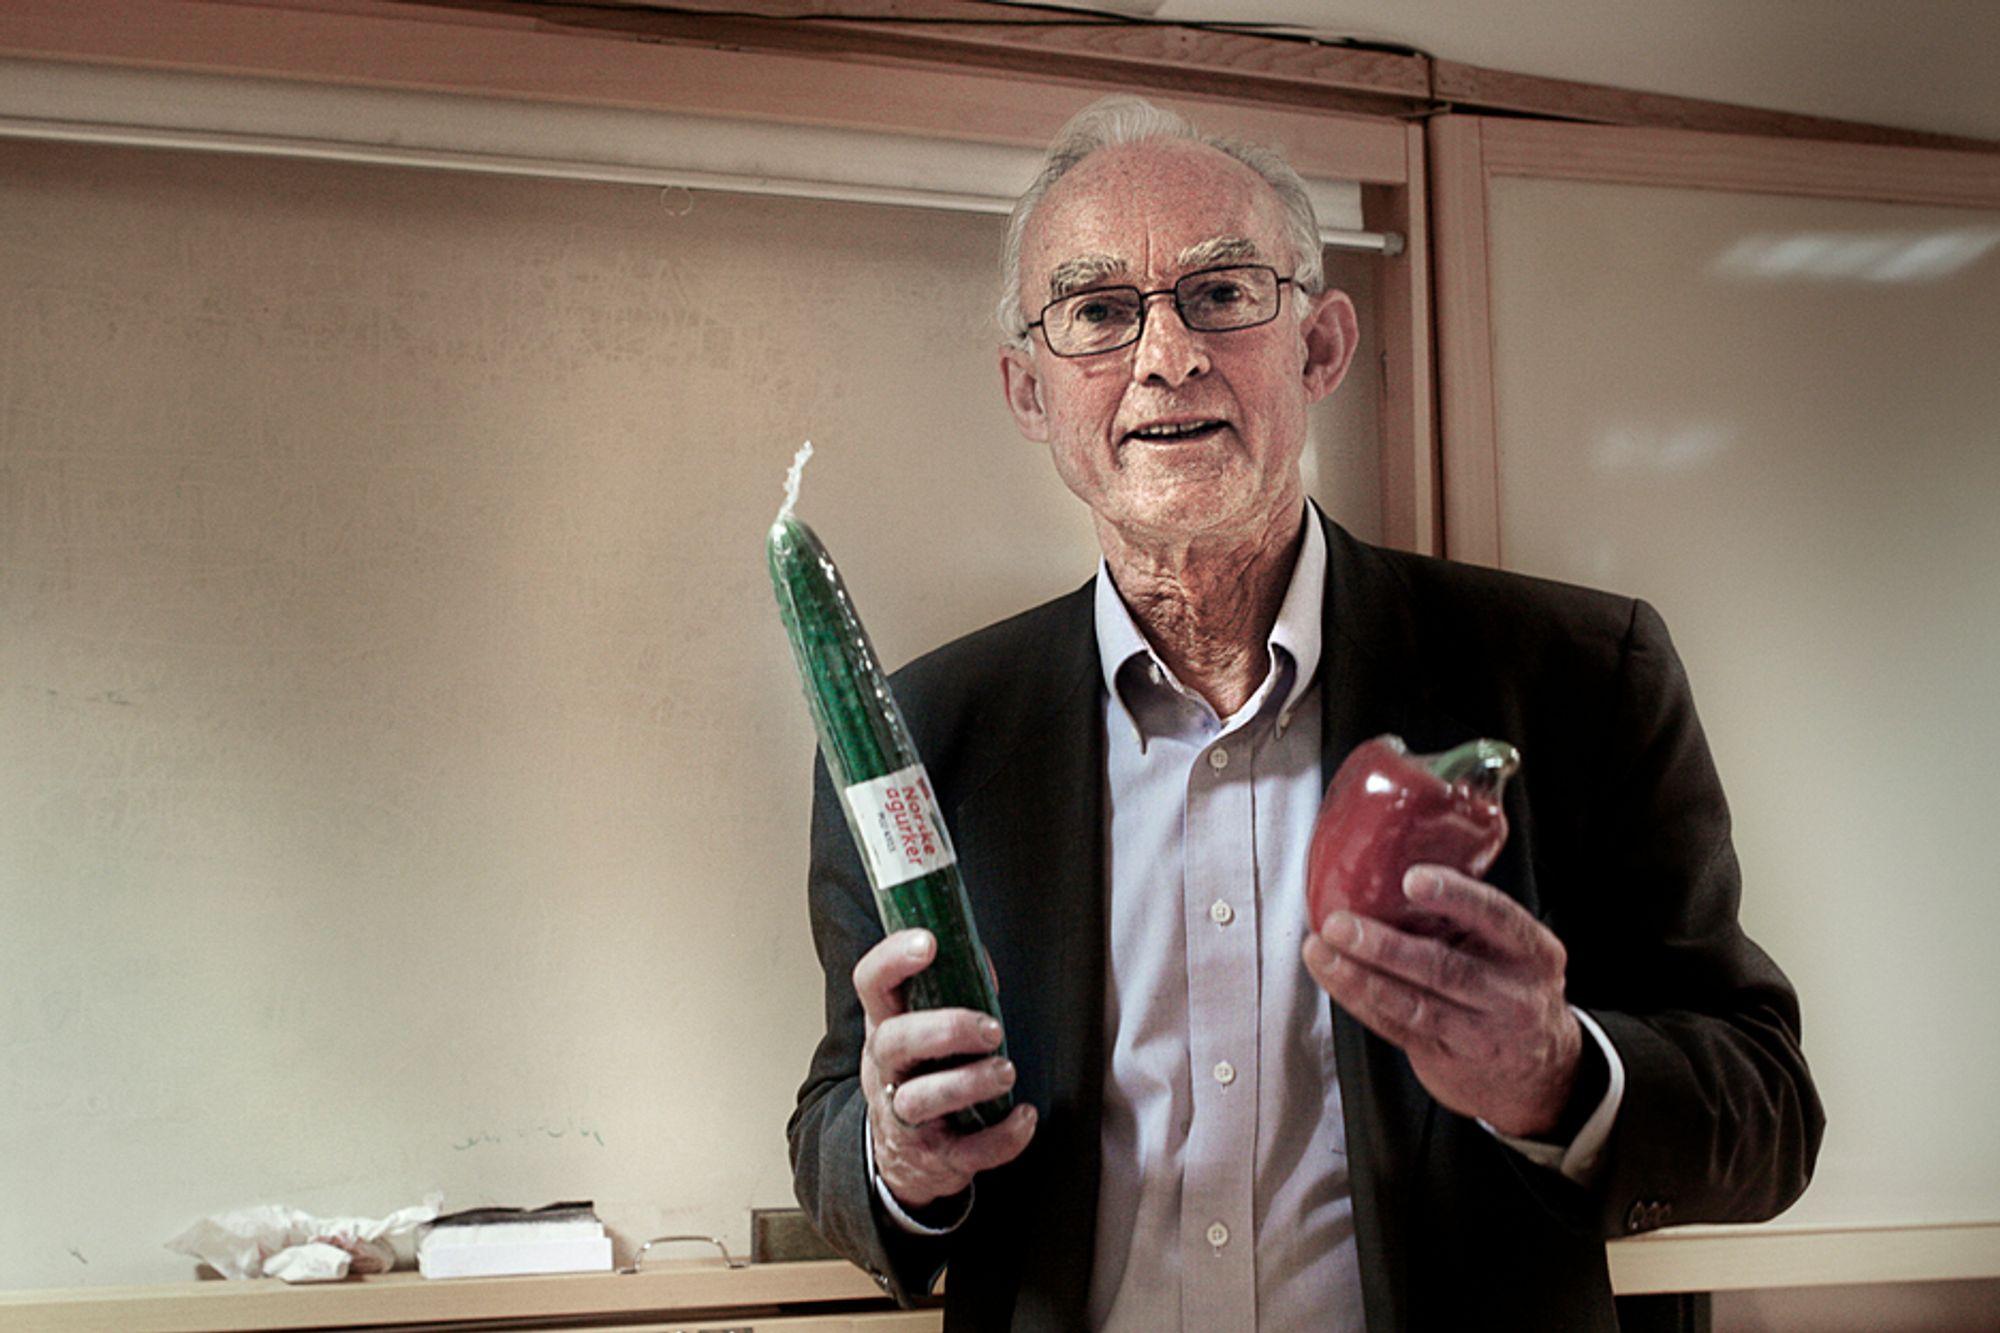 Kjell Løvold slår et slag for plasten. Han mener plast er bedre enn papir når det gjelder effektiv energiutnyttelse og får støtte av SINTEF-forsker.